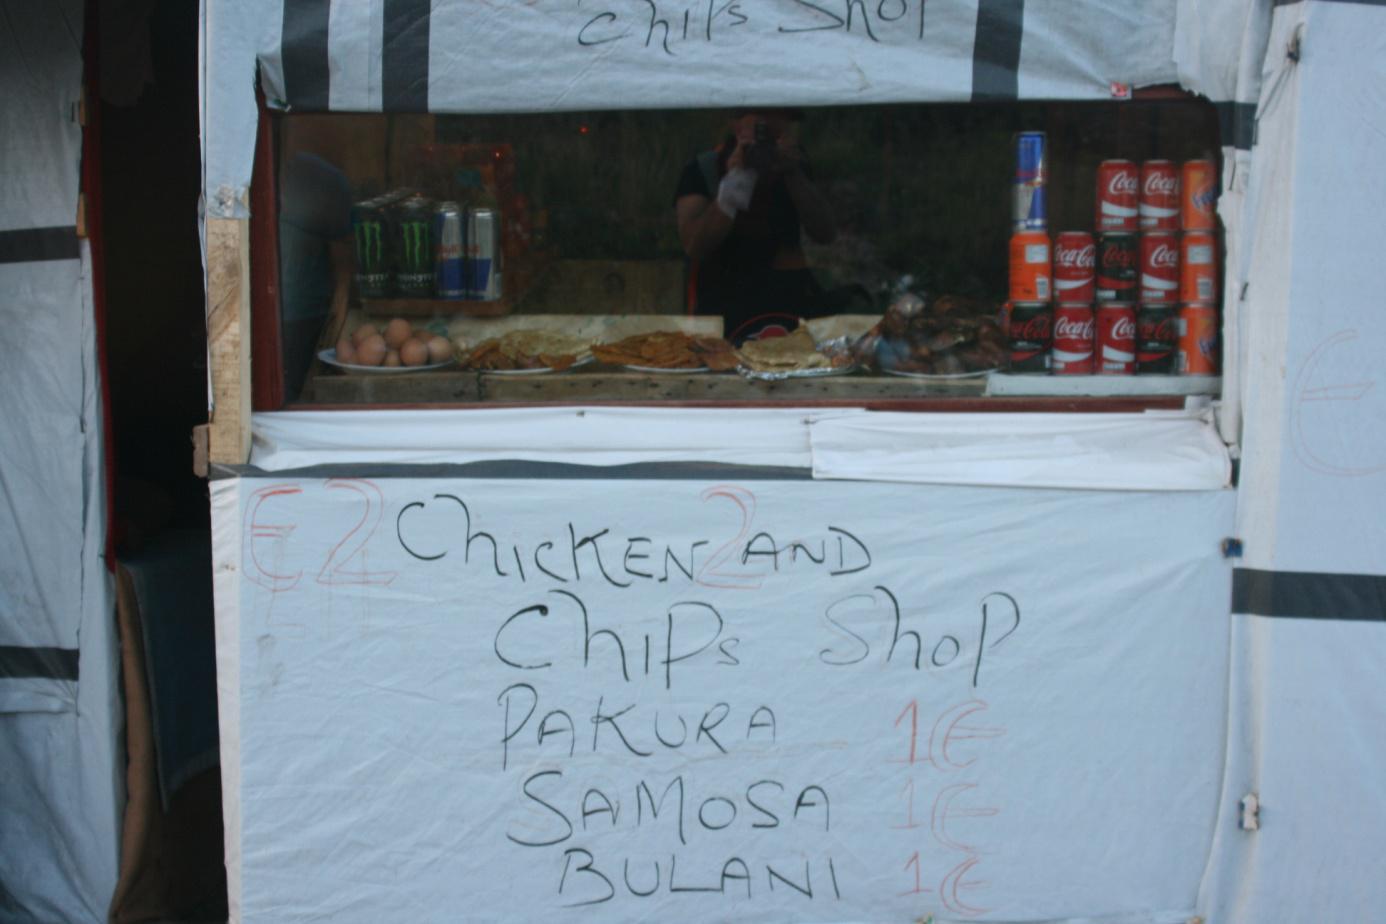 Auch kleine Imbissbuden wurden bereits geschaffen. Ein Snack kostet hier einen Euro.